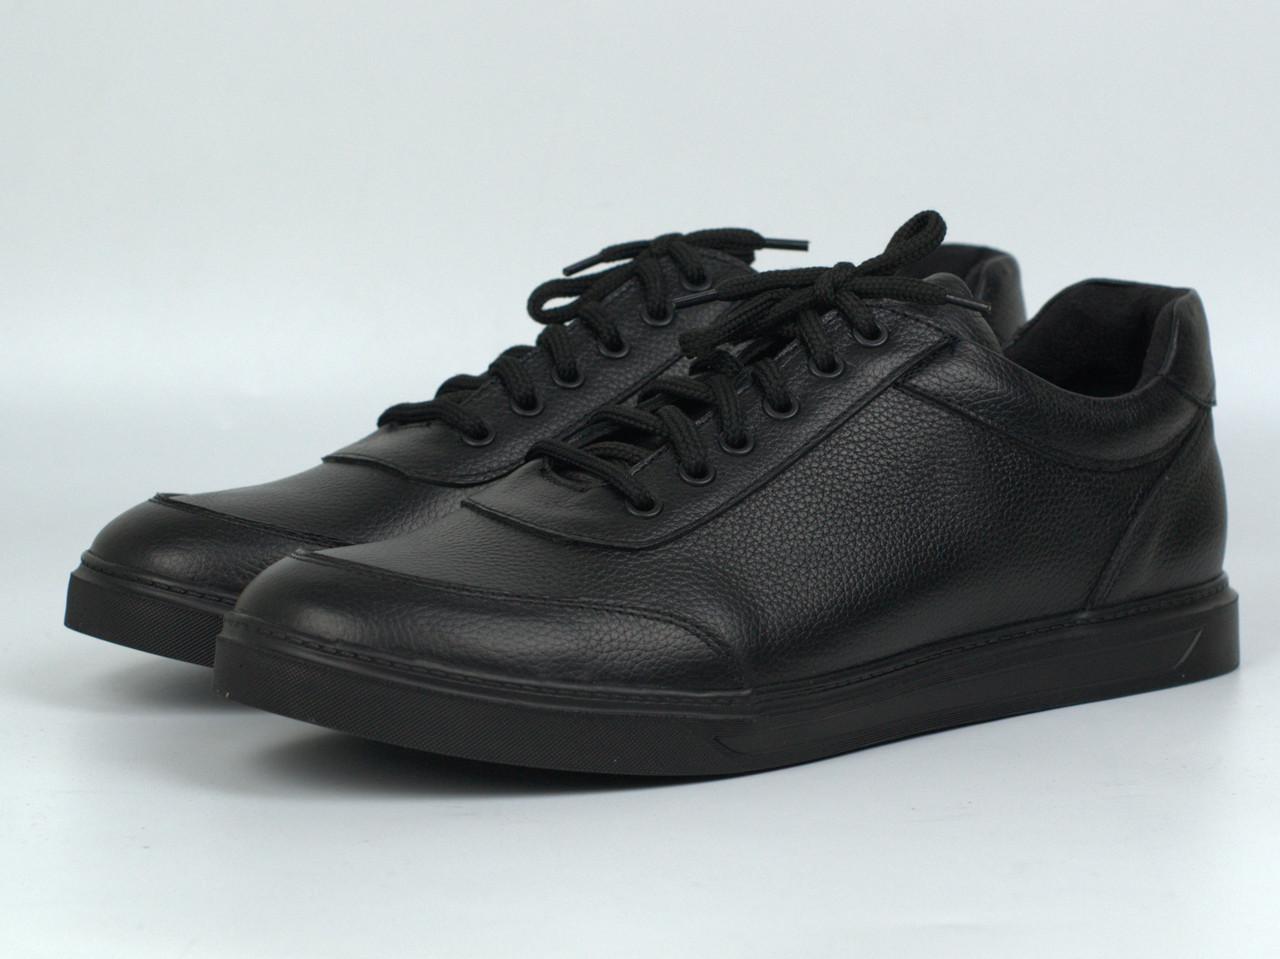 Кроссовки мужские кеды повседневные кожаные черные обувь осень-весна Rosso Avangard Ada Black Floto